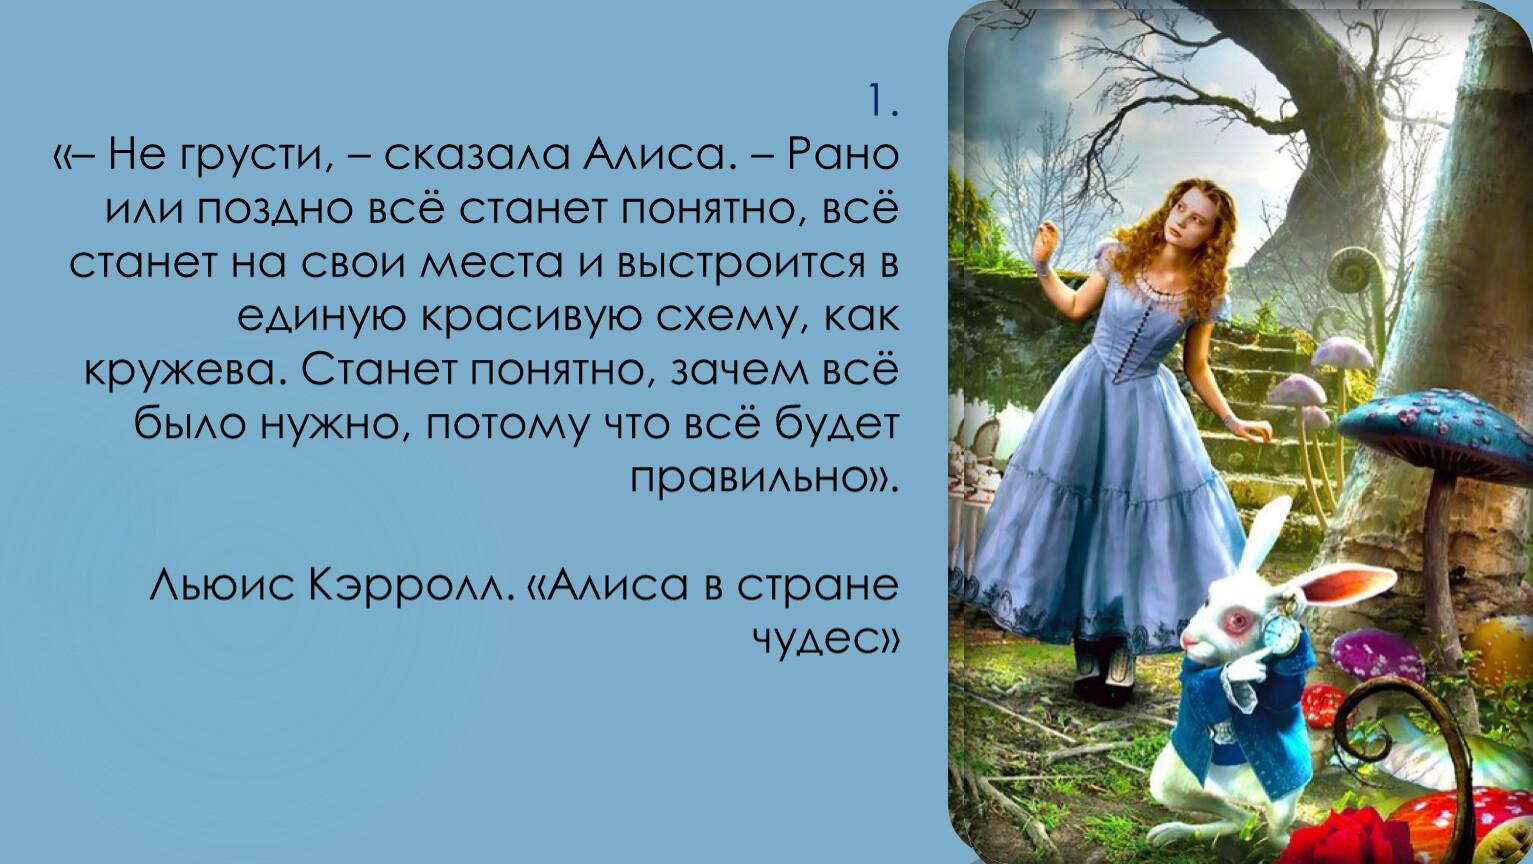 2bb9cf278e870ec7bdb78e6701fd8e27fc.jpg